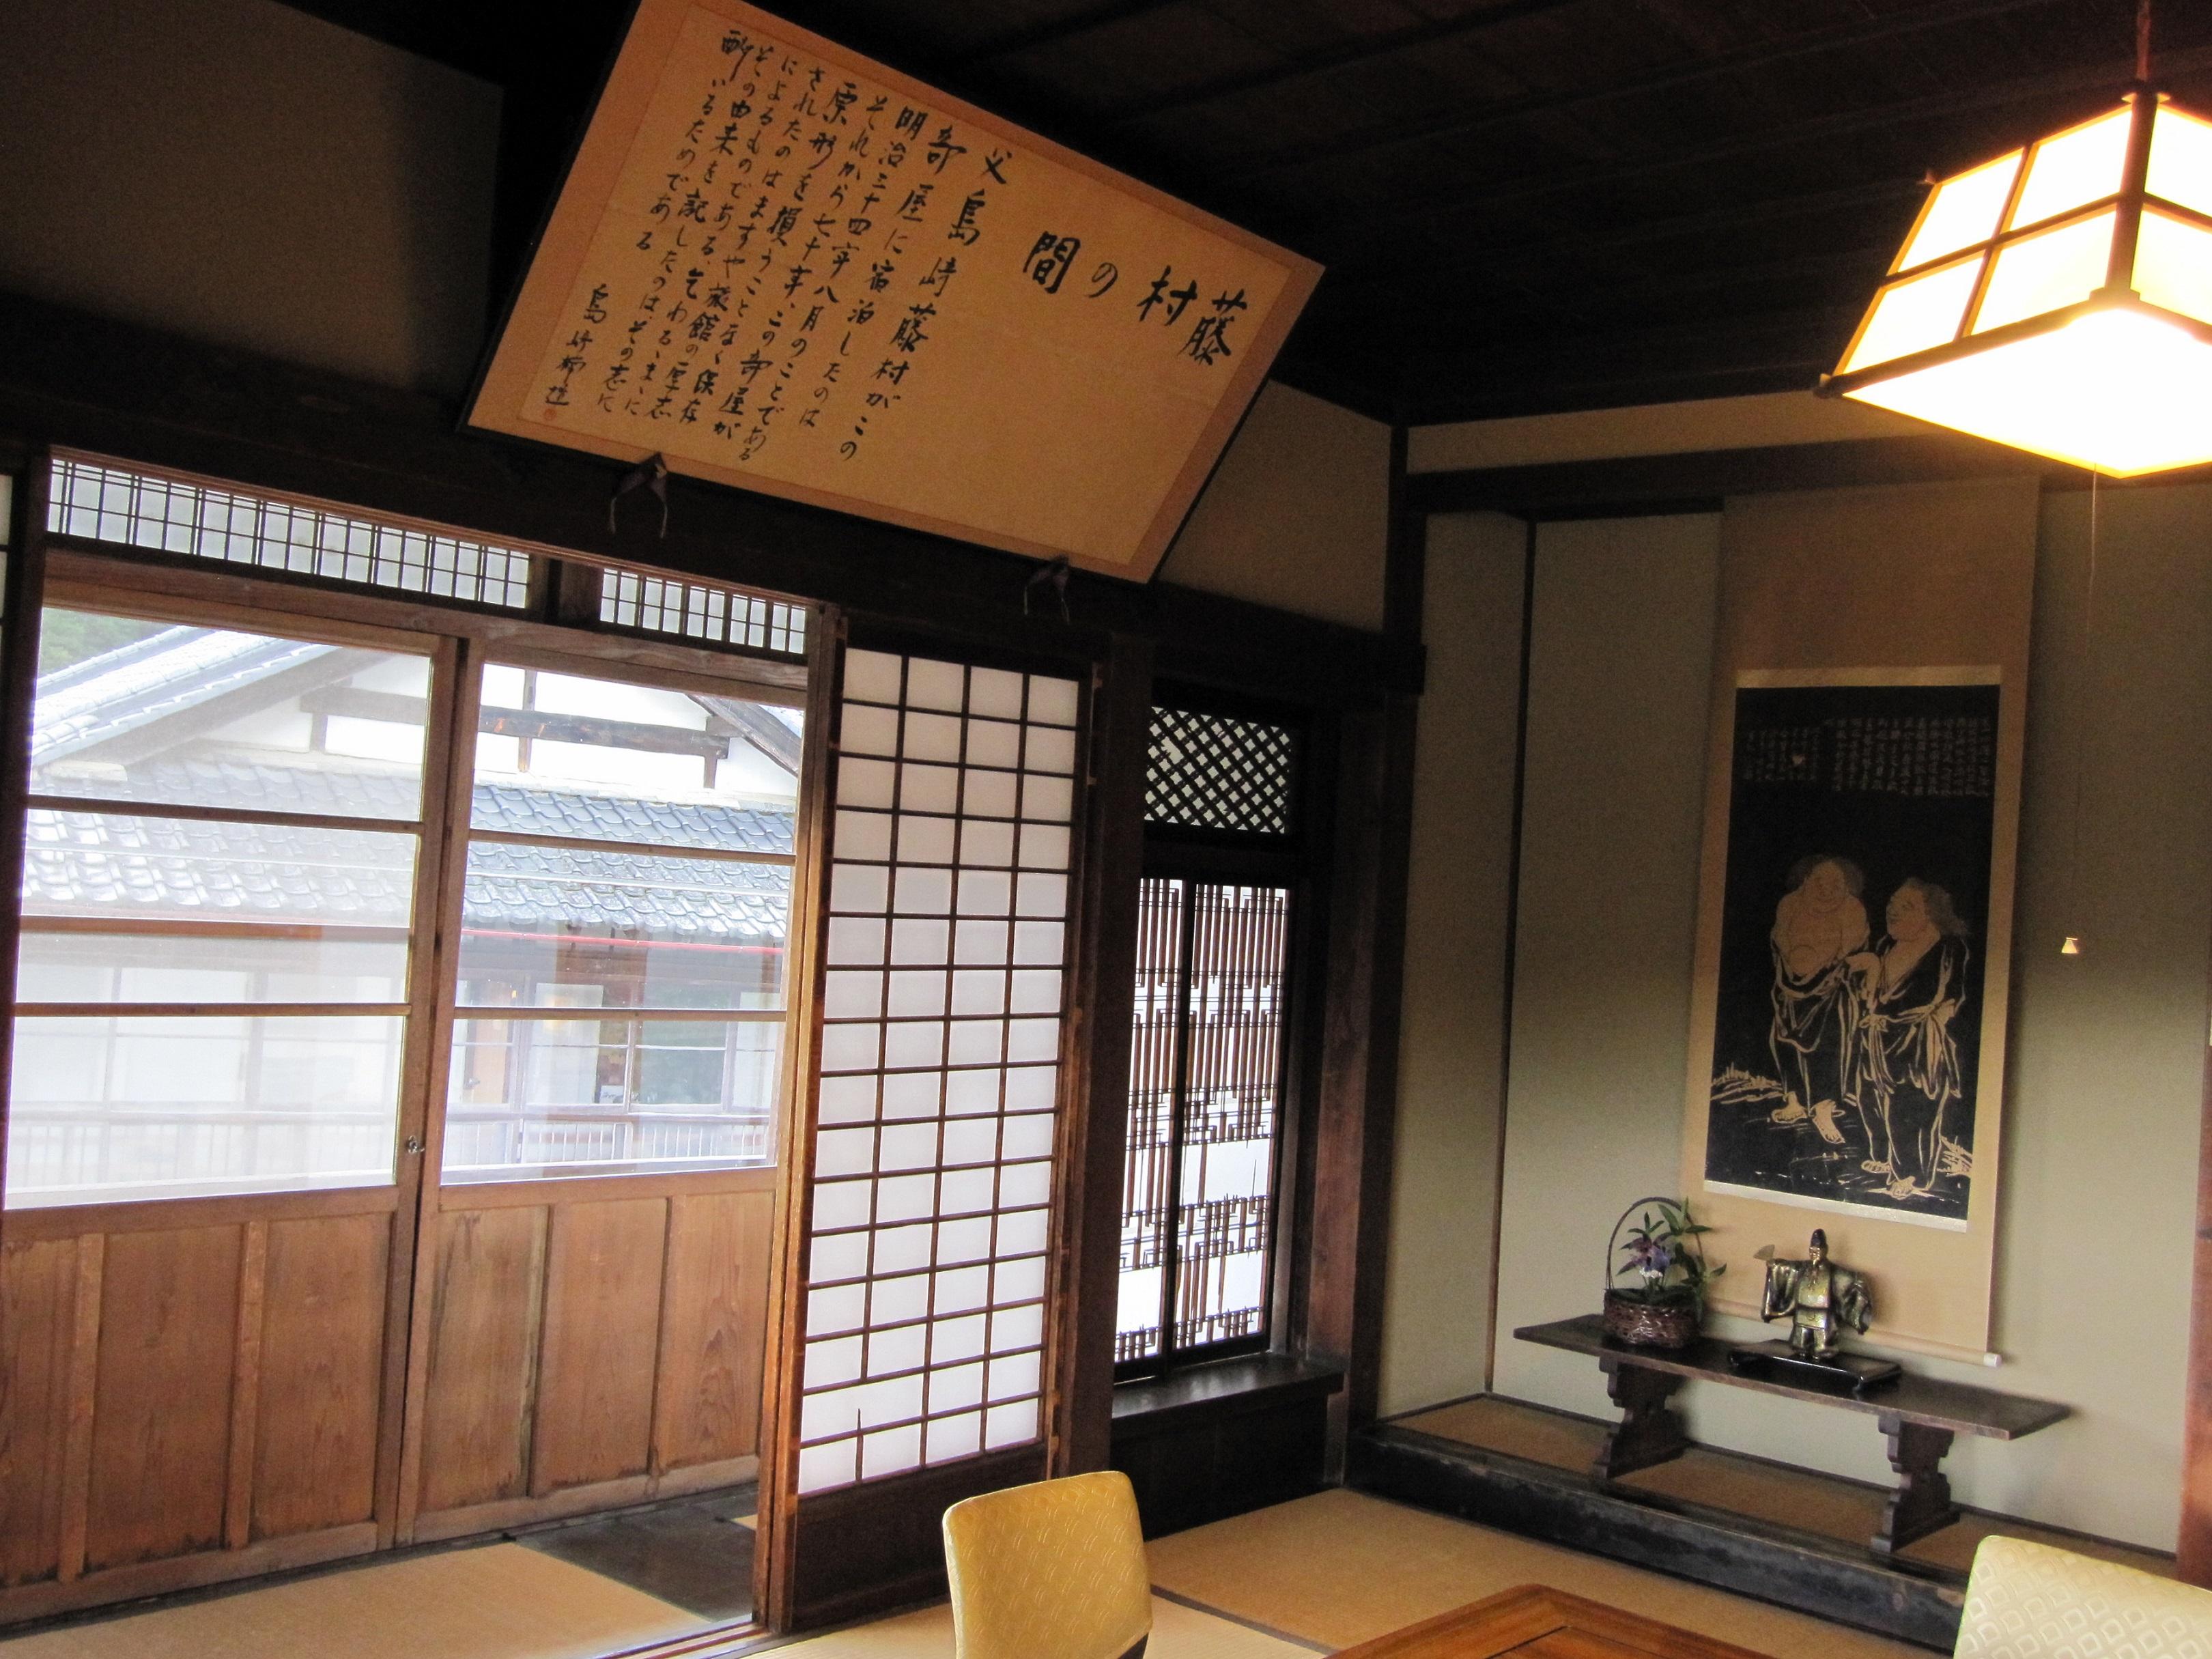 信州田沢温泉 ますや旅館 宿泊券(1泊2食付き・1名様分)